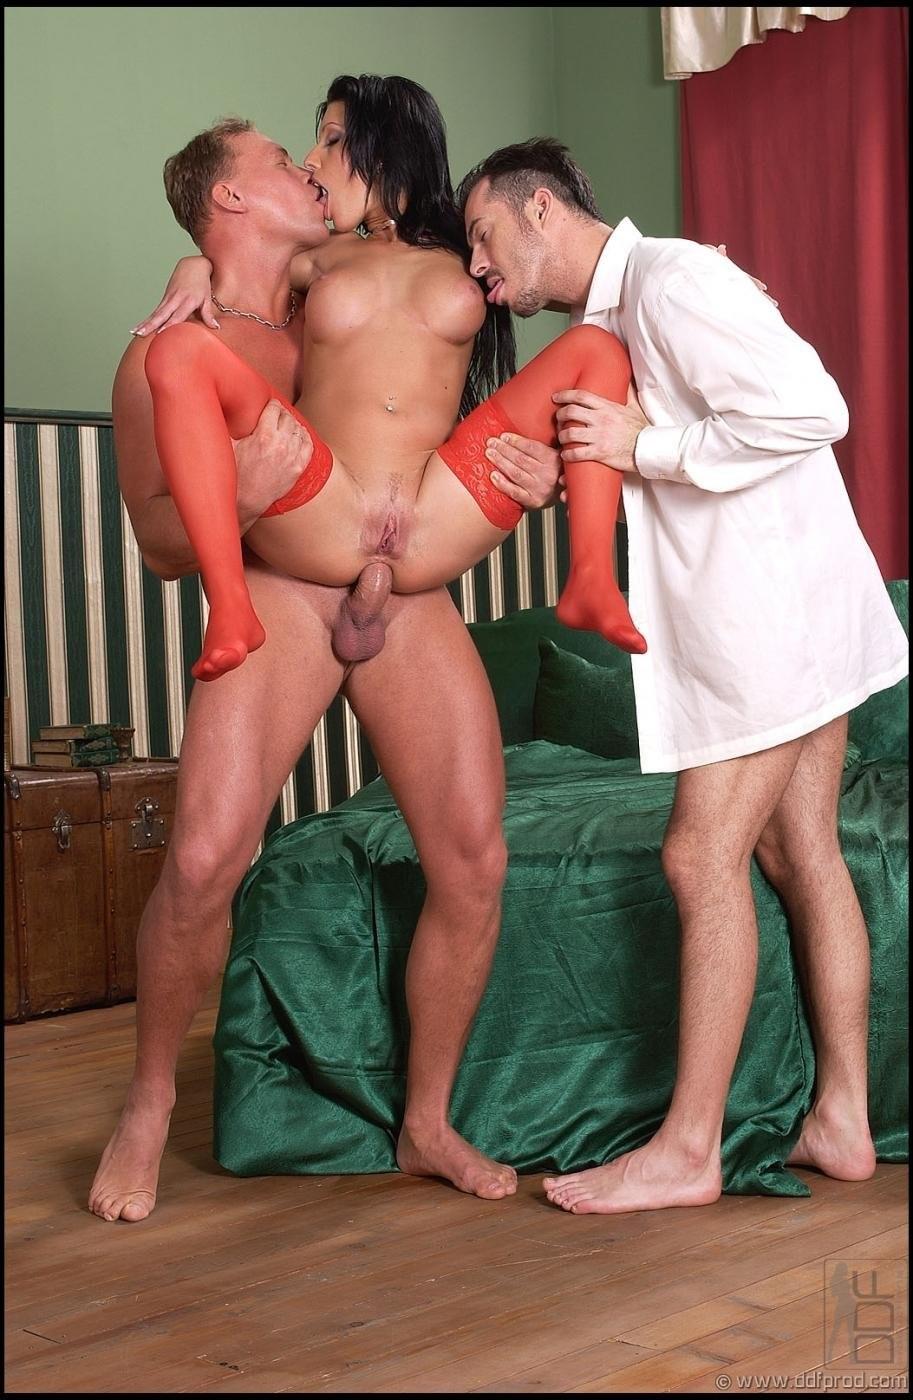 fille nue sur la formation de photos – BDSM